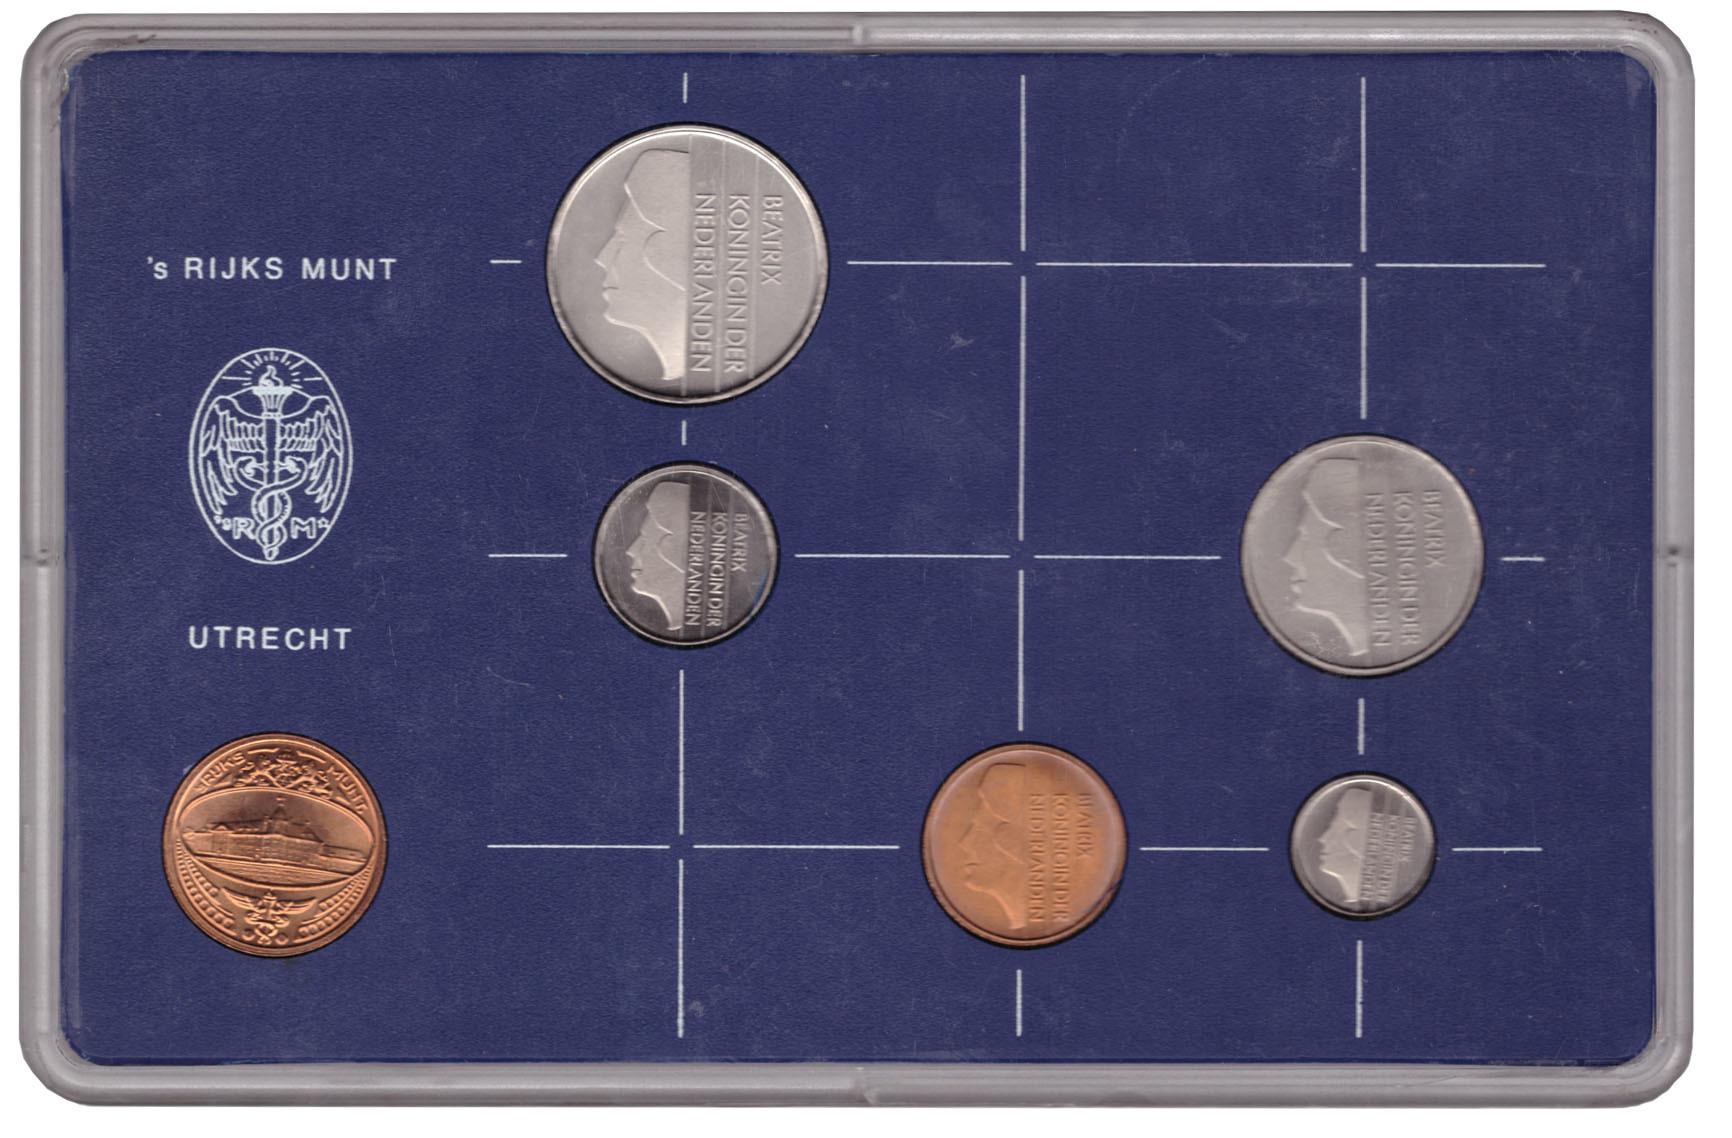 Набор монет Нидерландов 1984 UNC в пластиковой упаковке